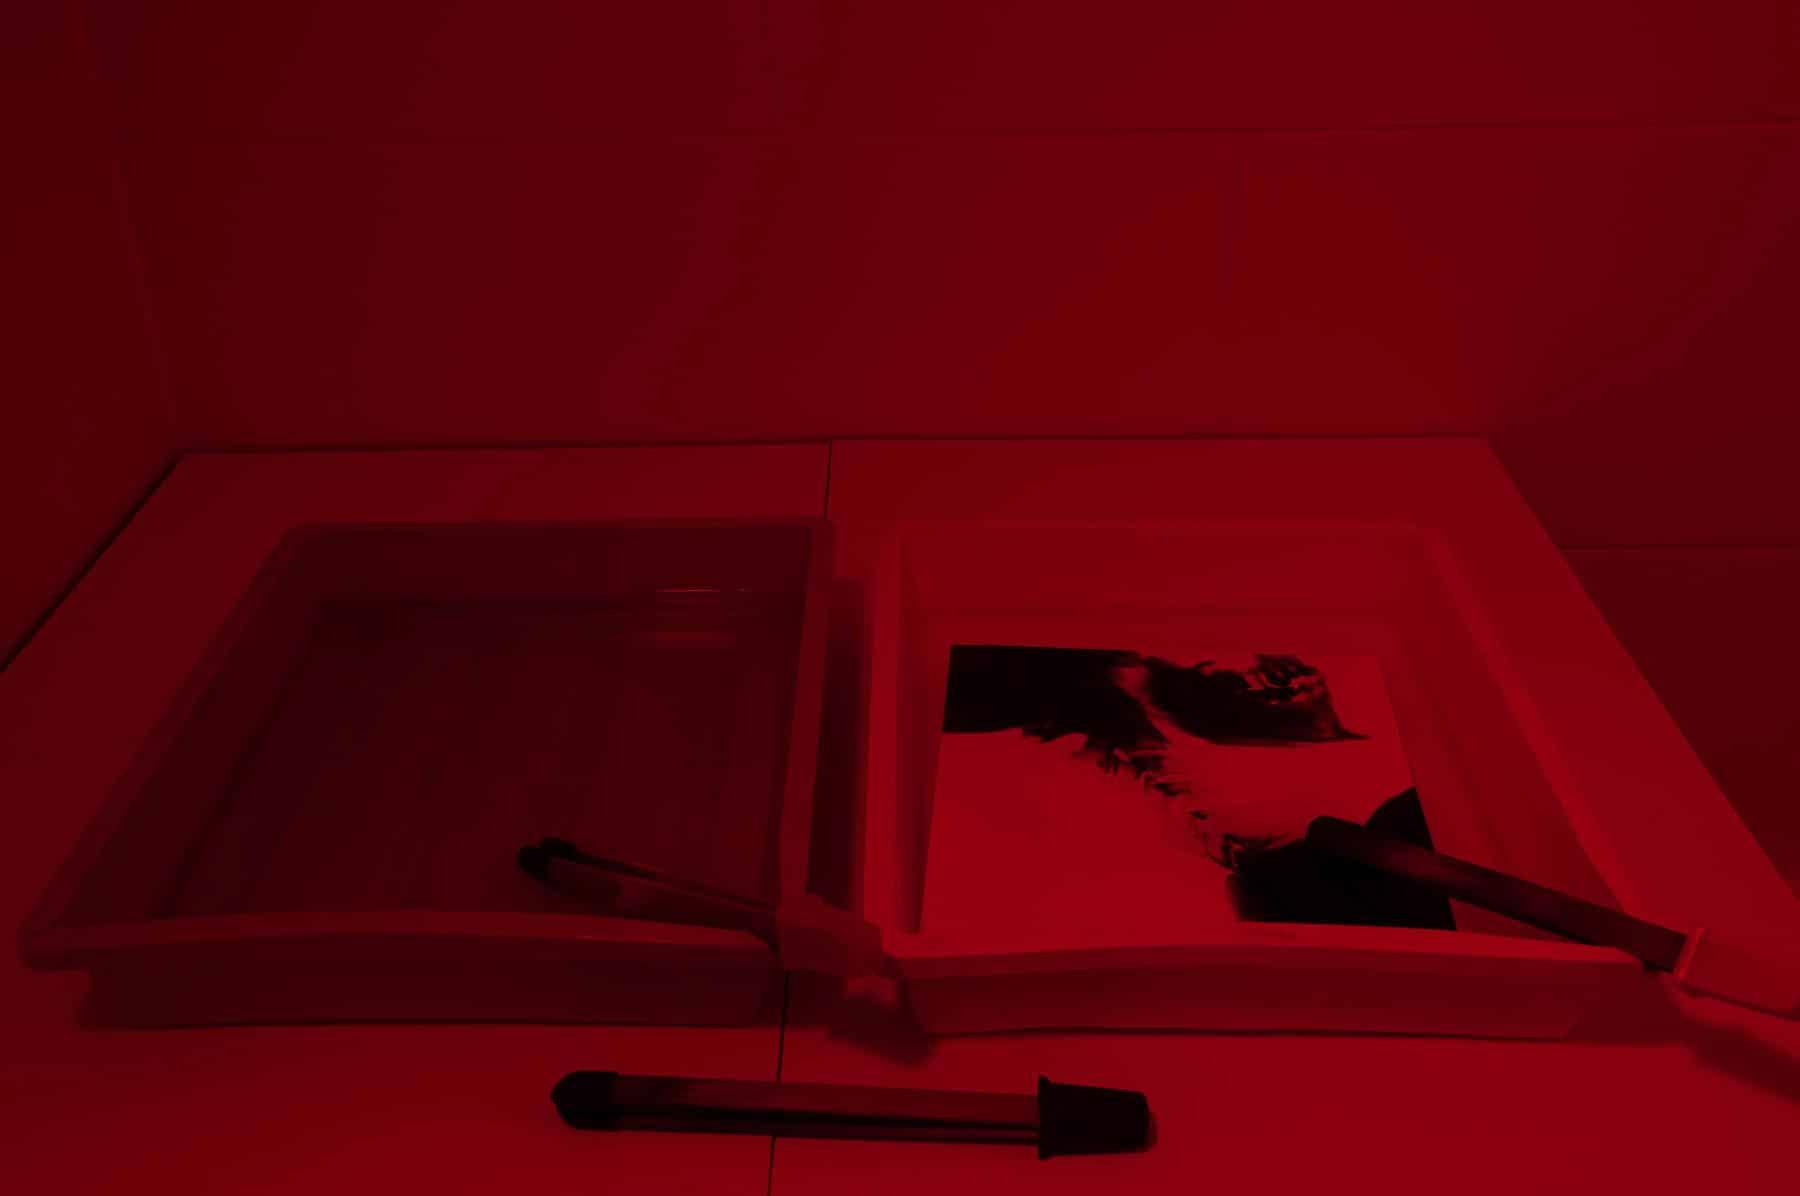 Das analoge Fotolabor des atelier mishugge für Multimediales Kreativtraining und Kunsttherapie in Wien 15.